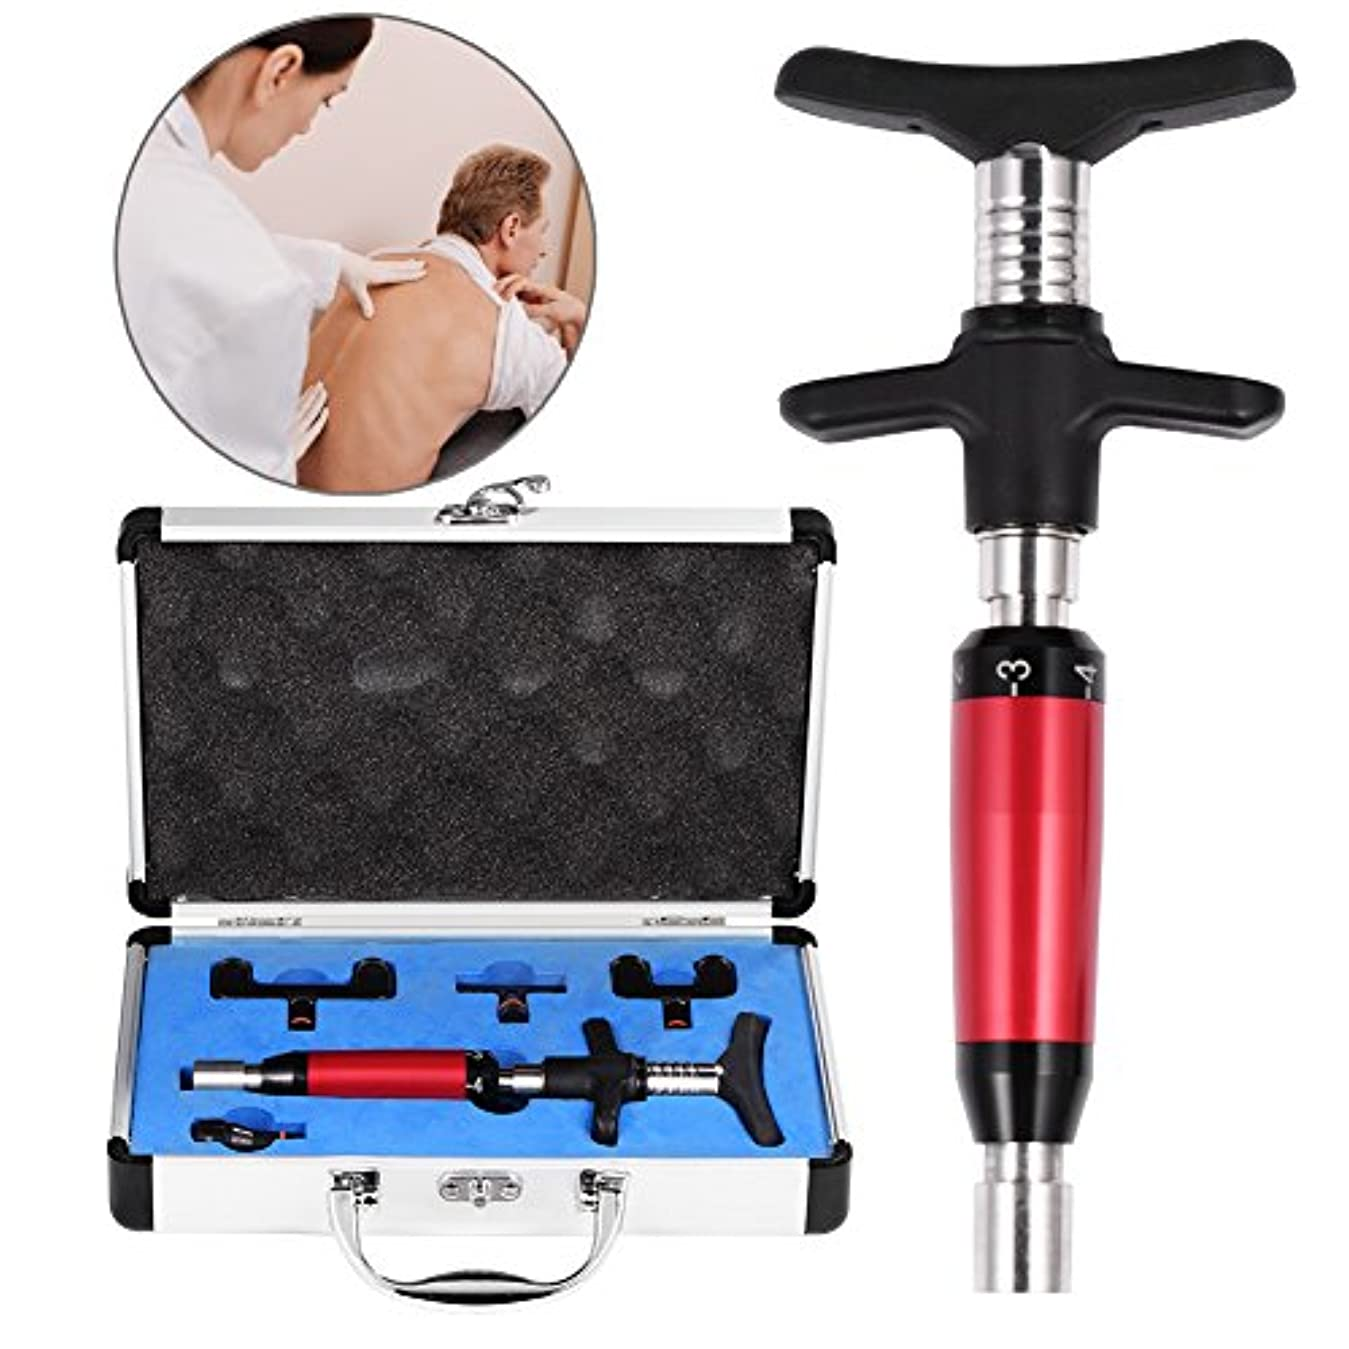 センチメートル窒息させる再生可能6レベル手動ヘッドスパインマッサージャー、背骨調整キット、背骨と胸郭の調整のための背骨マッサージ、ポータブル